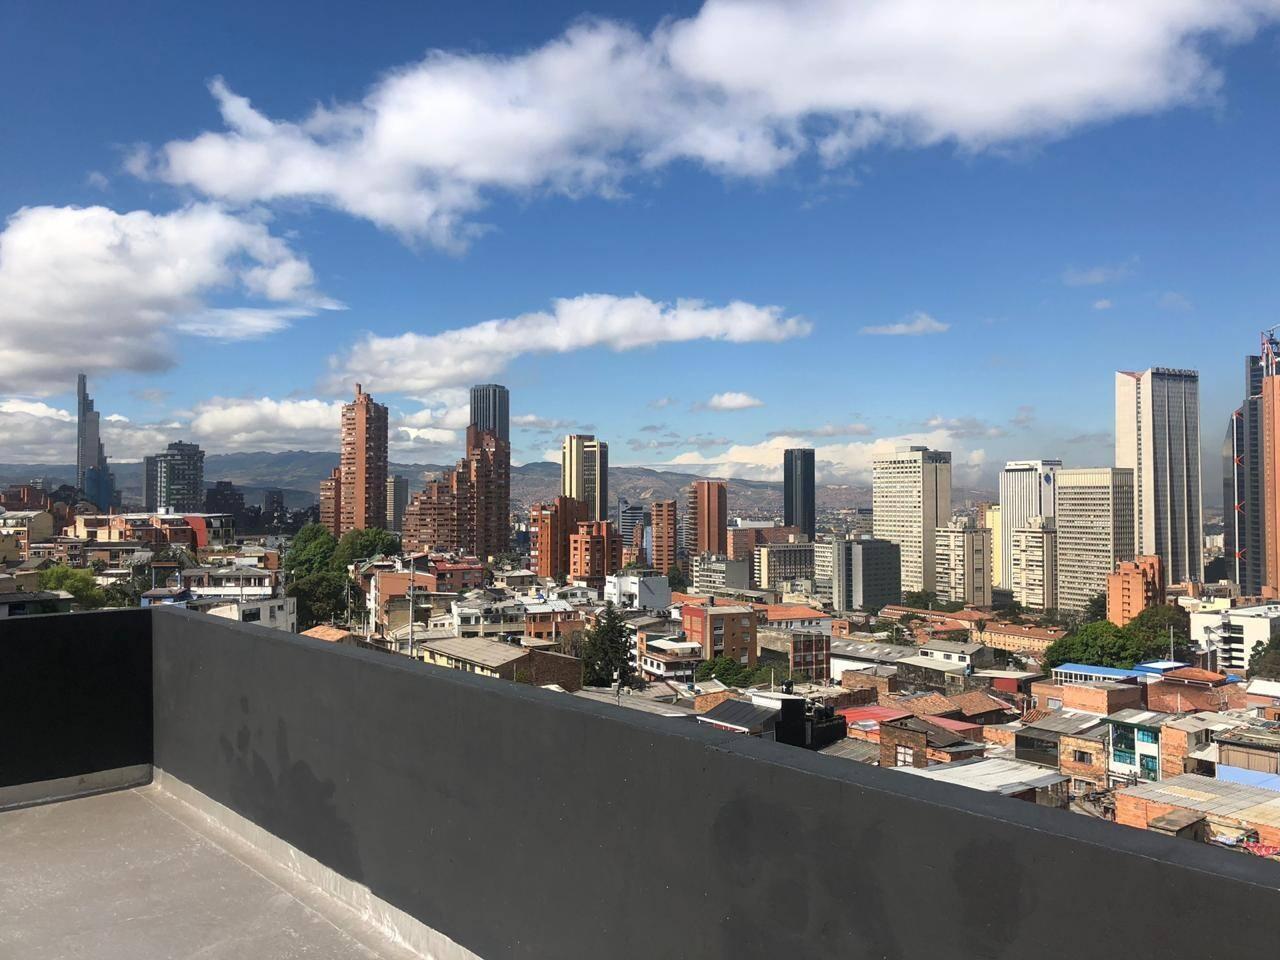 Vista desde la terraza del edificio, que queda contigua al apartamento, de uso libre